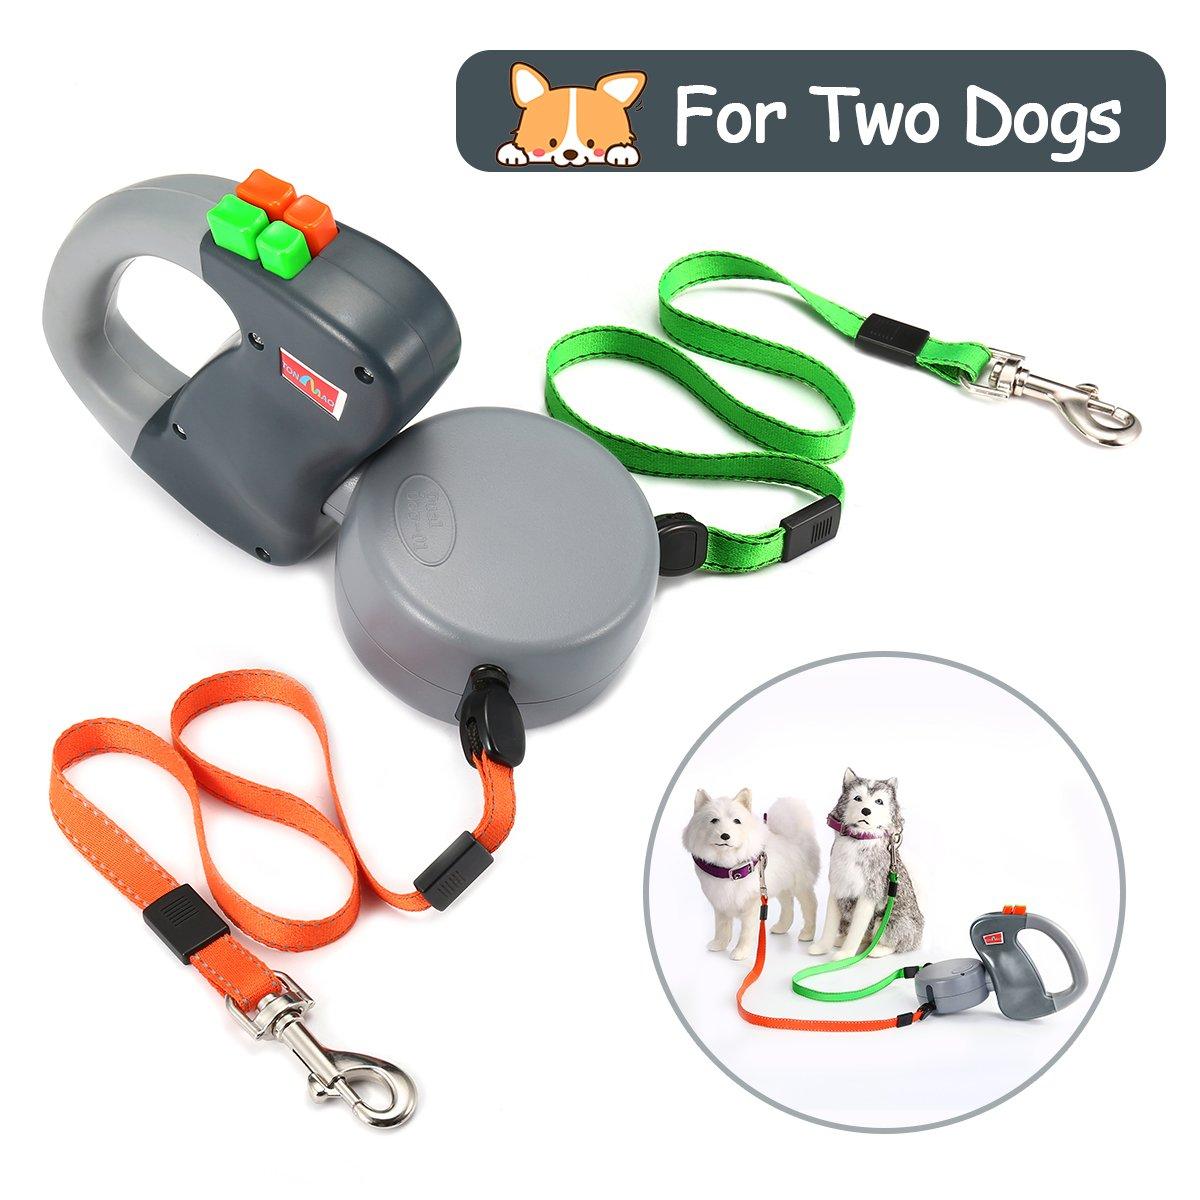 Focuspet Doppelte Hundeleine, Einziehbare Bis Zum 3 M Hundeleine Für 2 Hunde Hundeleine Mit Button Break- Und Schließsystem Ideal zum Wandern Geeignet Für Kleine Bis Große Hunde